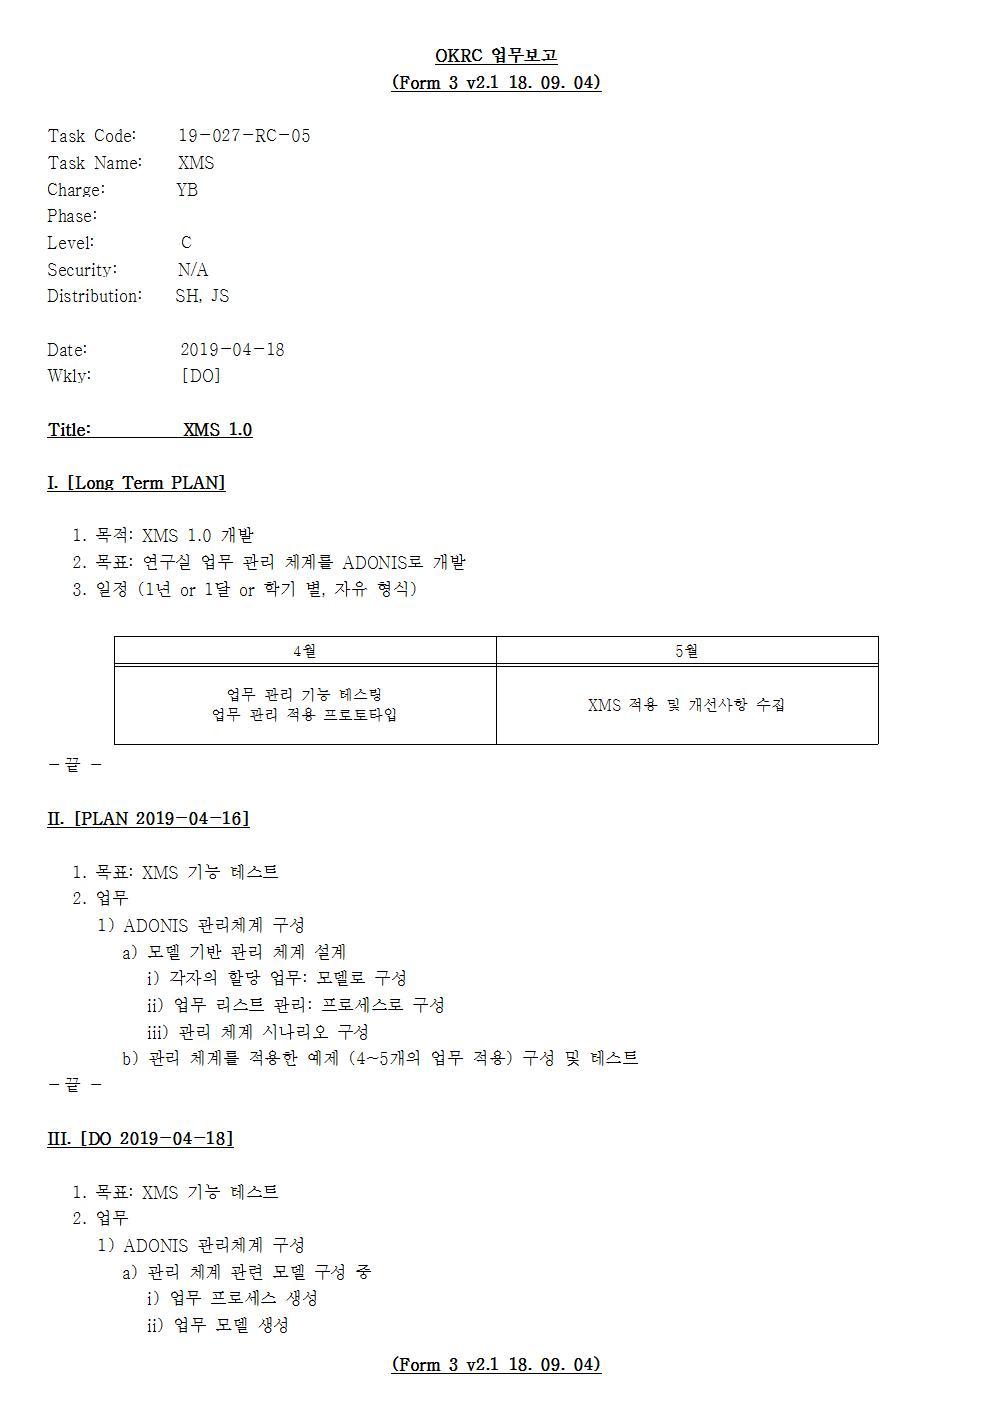 D-[19-027-RC-05]-[XMS]-[2019-04-18][YB]001.jpg